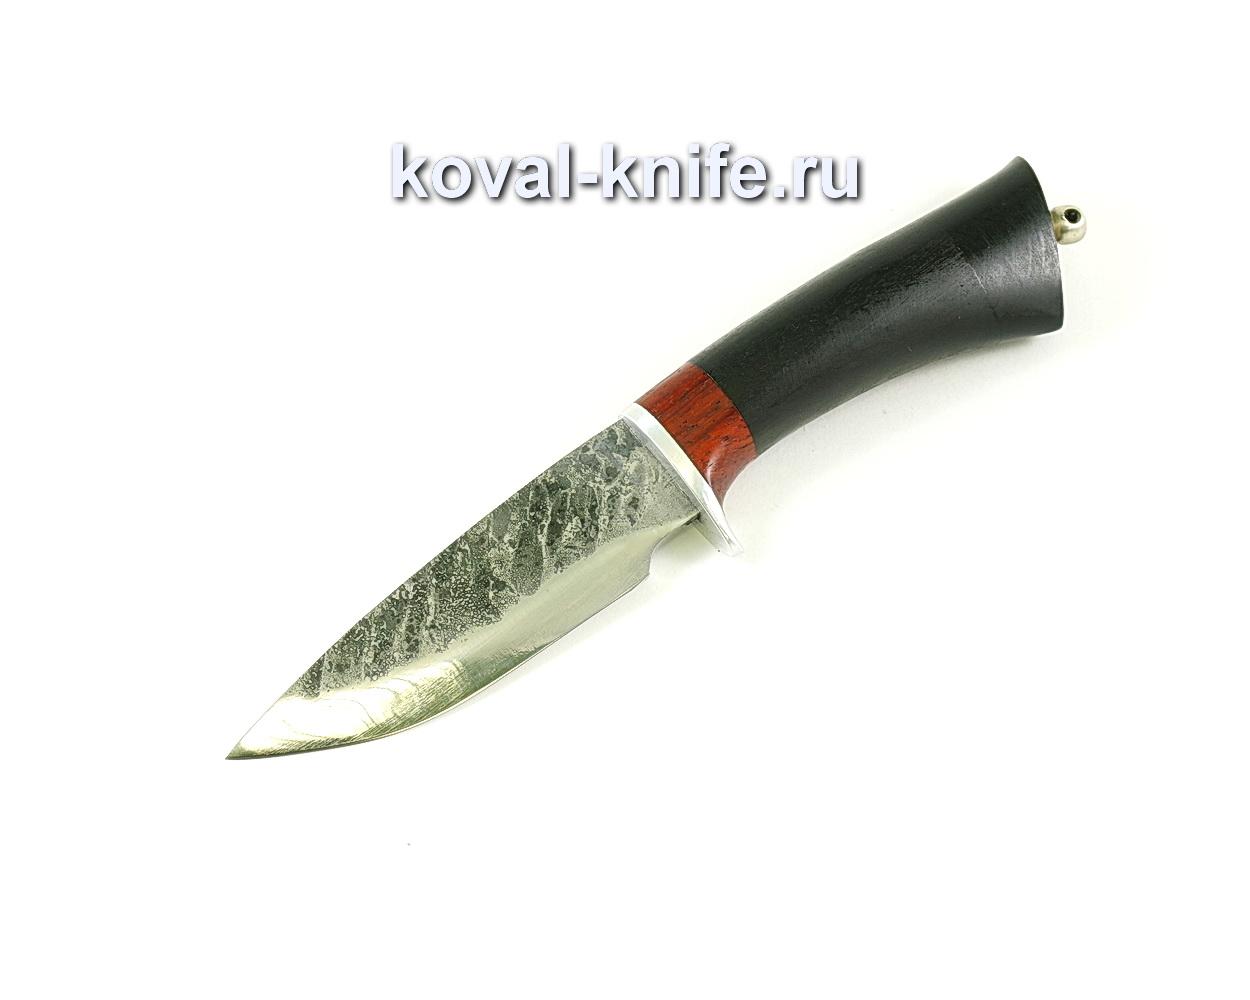 Нож Норвег (сталь 9хс), рукоять падук, граб A071